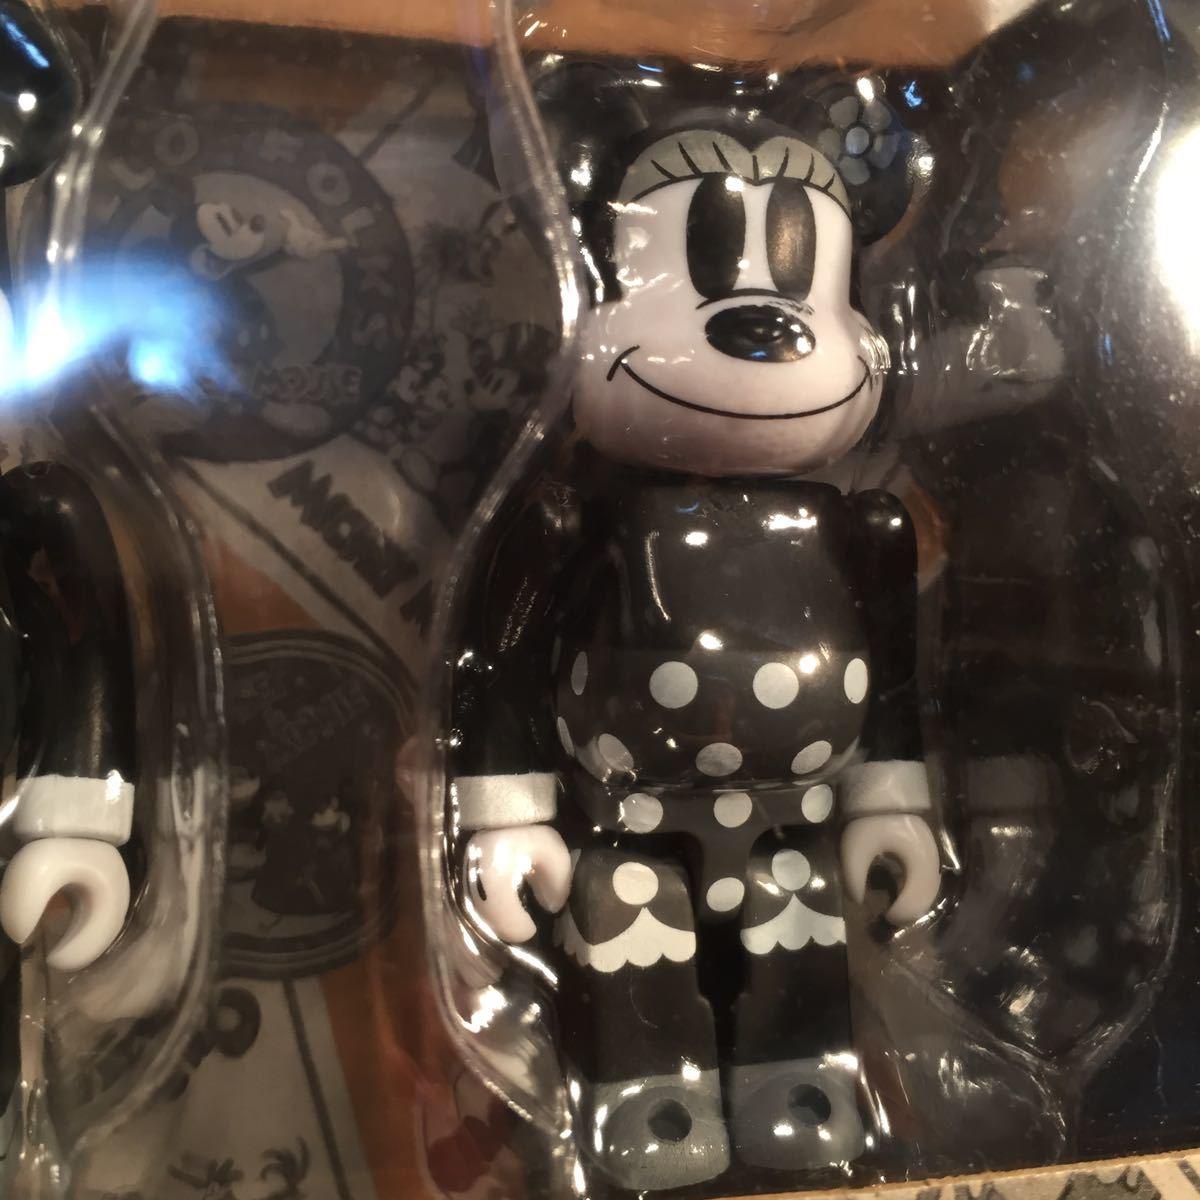 【未開封】ミッキーマウス&ミニーマウス BE@RBRICK(ベアブリック)MICKEY MOUSE & MINNIE MOUSE (BLACK & WHITE ver.)2 PACK【disney】_画像8